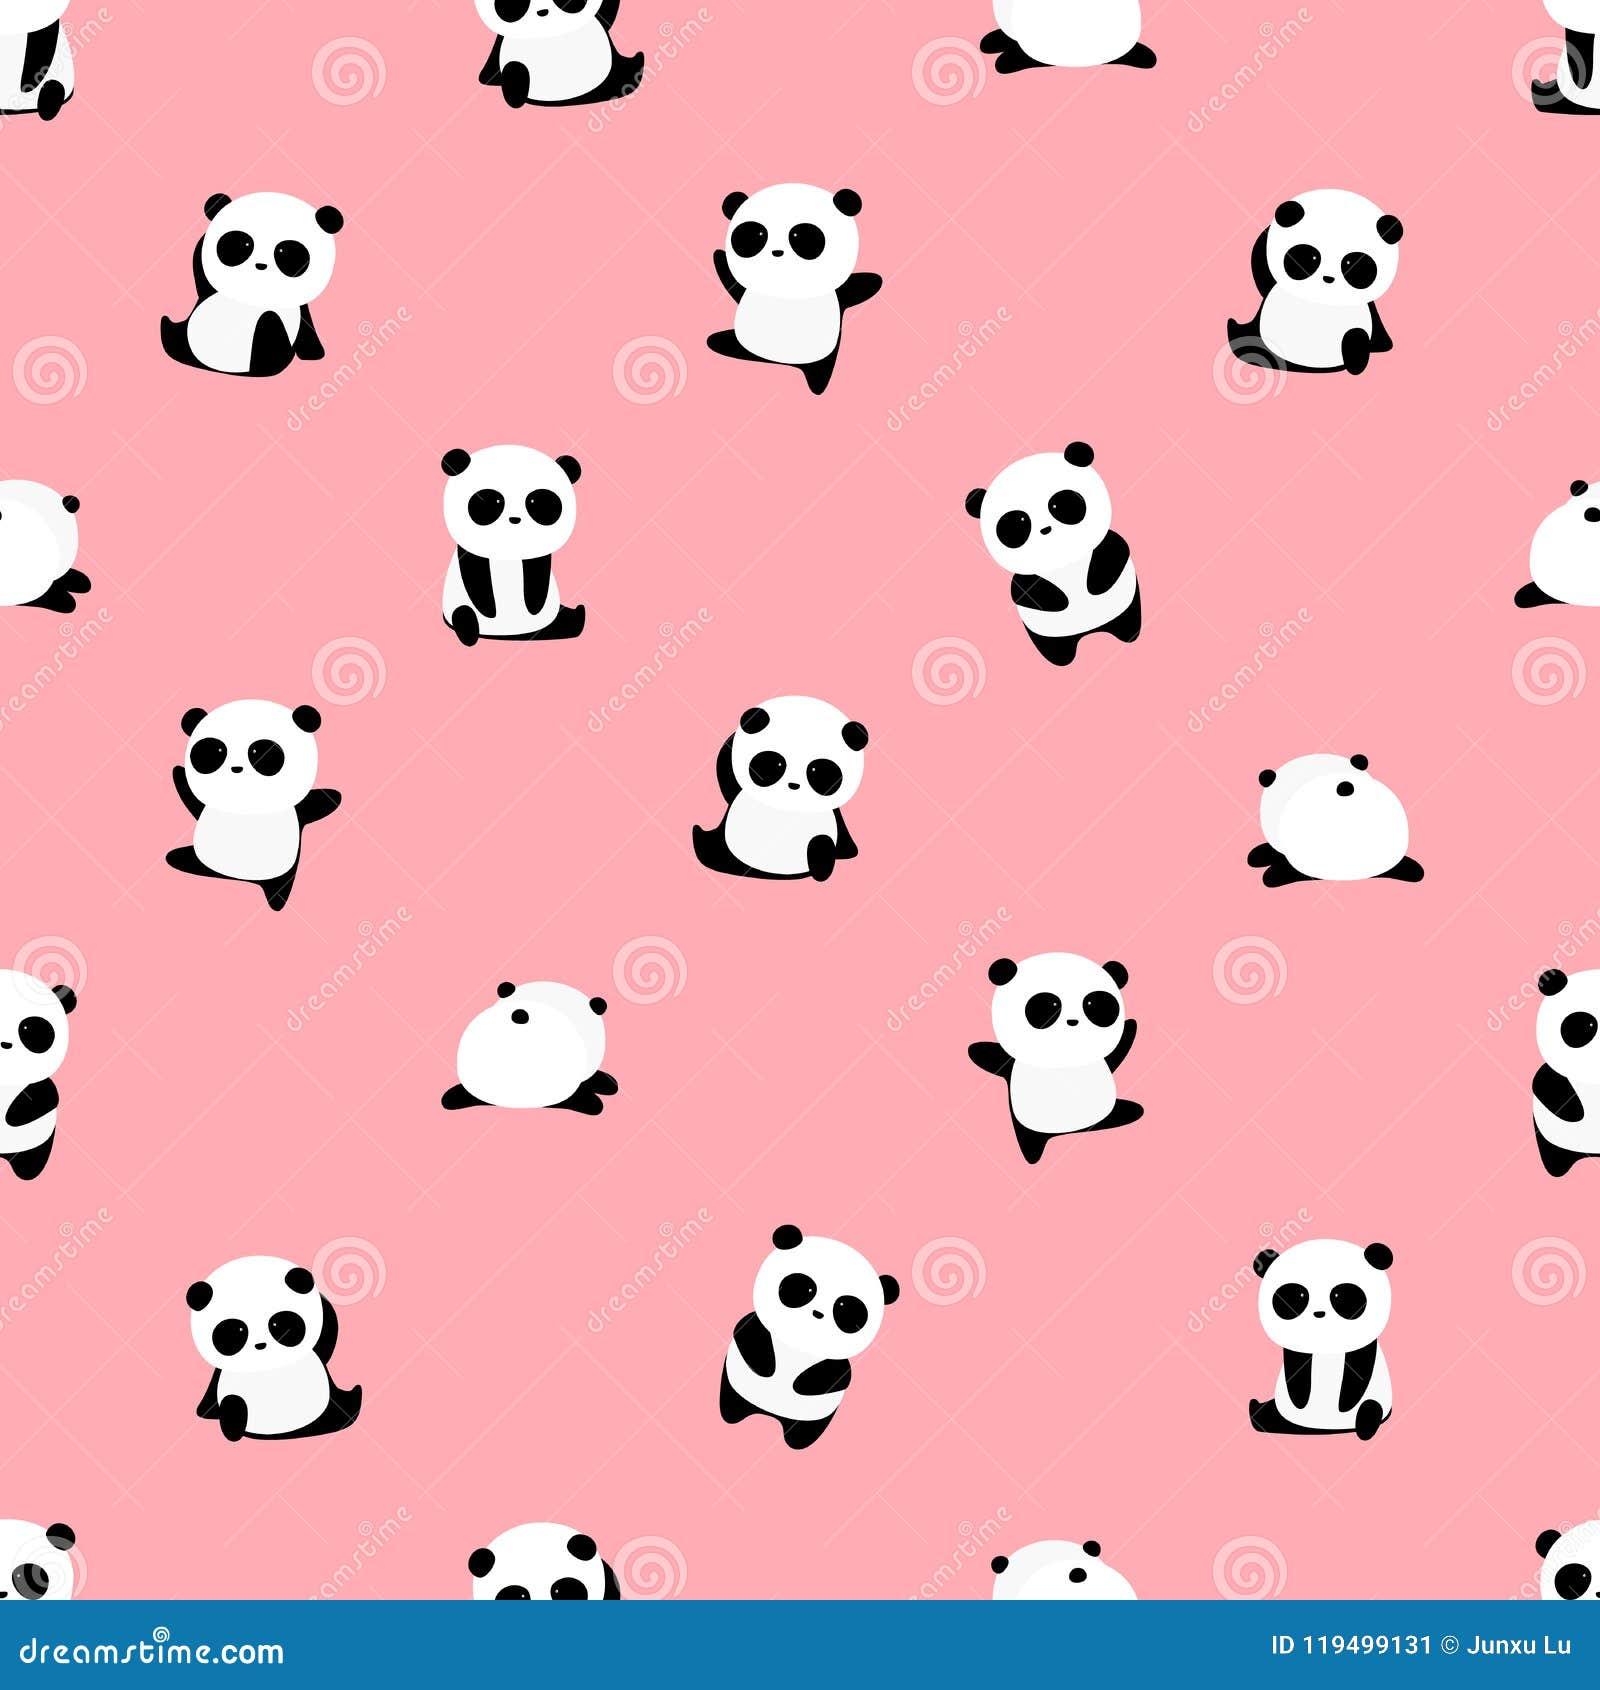 Άνευ ραφής διανυσματικό σχέδιο: το panda αφορά το σχέδιο το ανοικτό ροζ υπόβαθρο